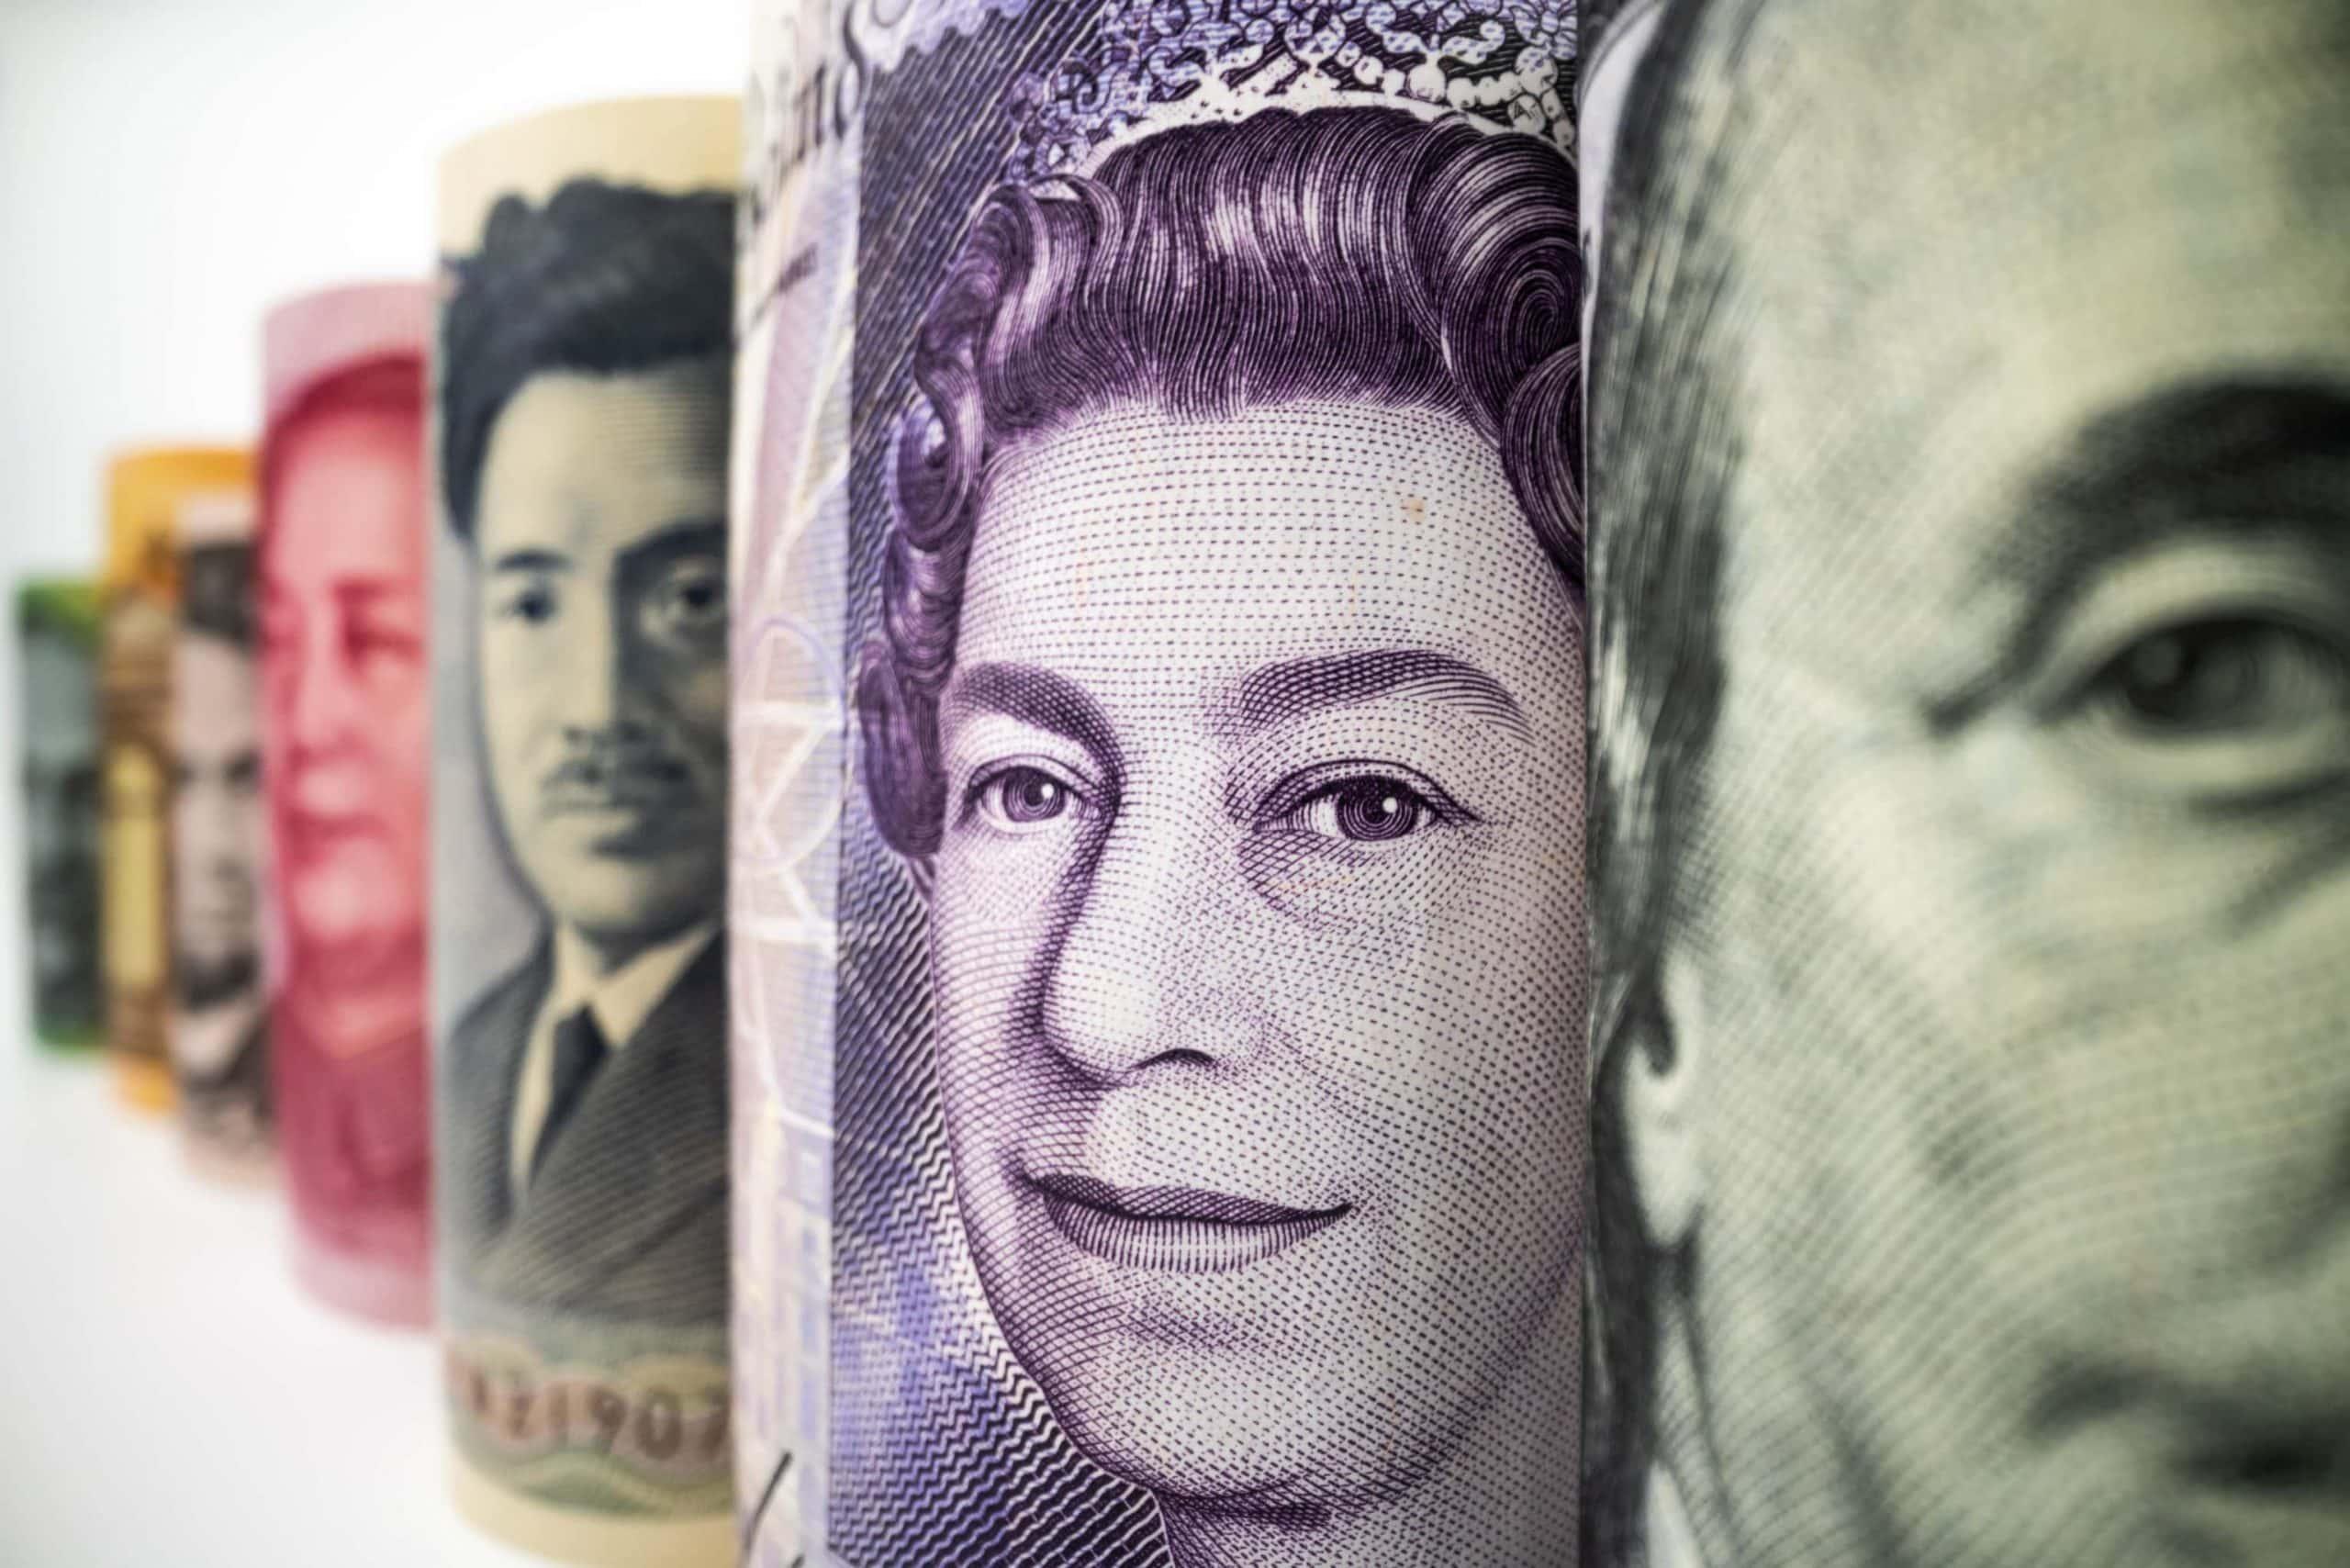 sur YT:  Monnaies numériques de la Banque centrale (CBDC) – un regard sur l'avant-garde  infos